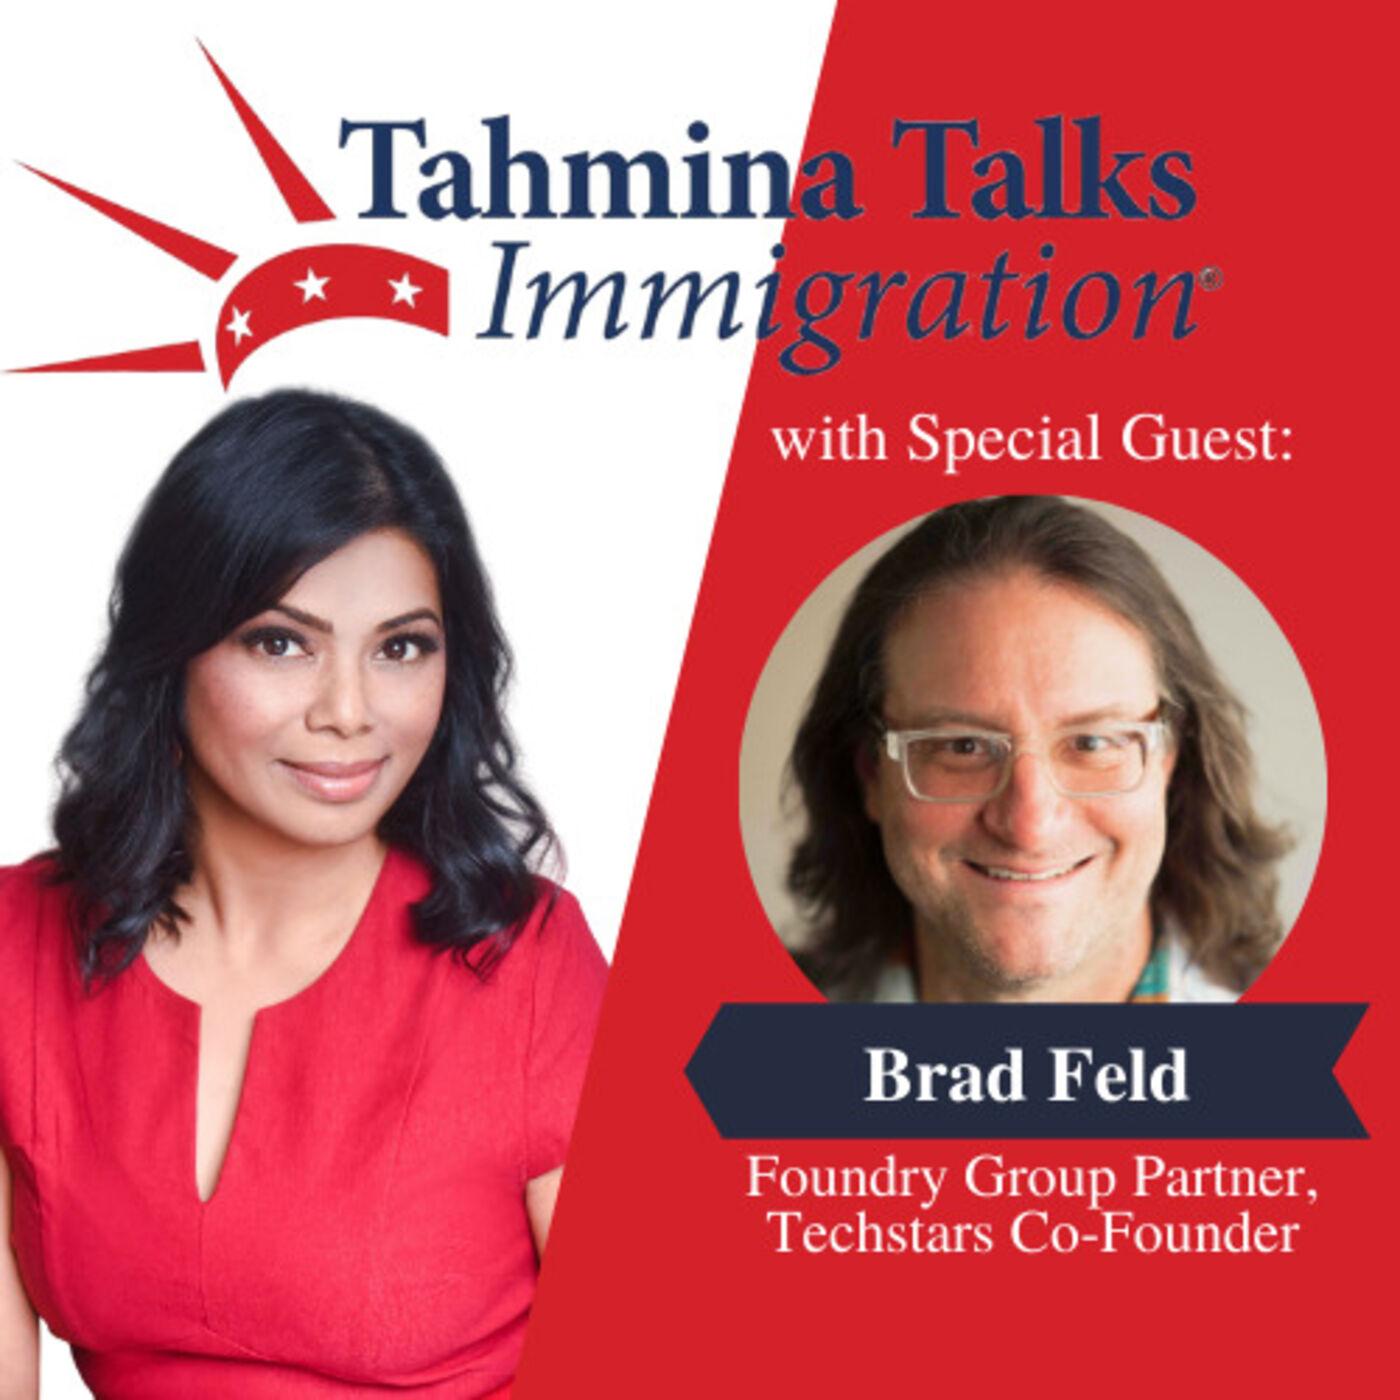 #123 Startup Visa Series - Brad Feld, Foundry Group Partner, Techstars Co-Founder